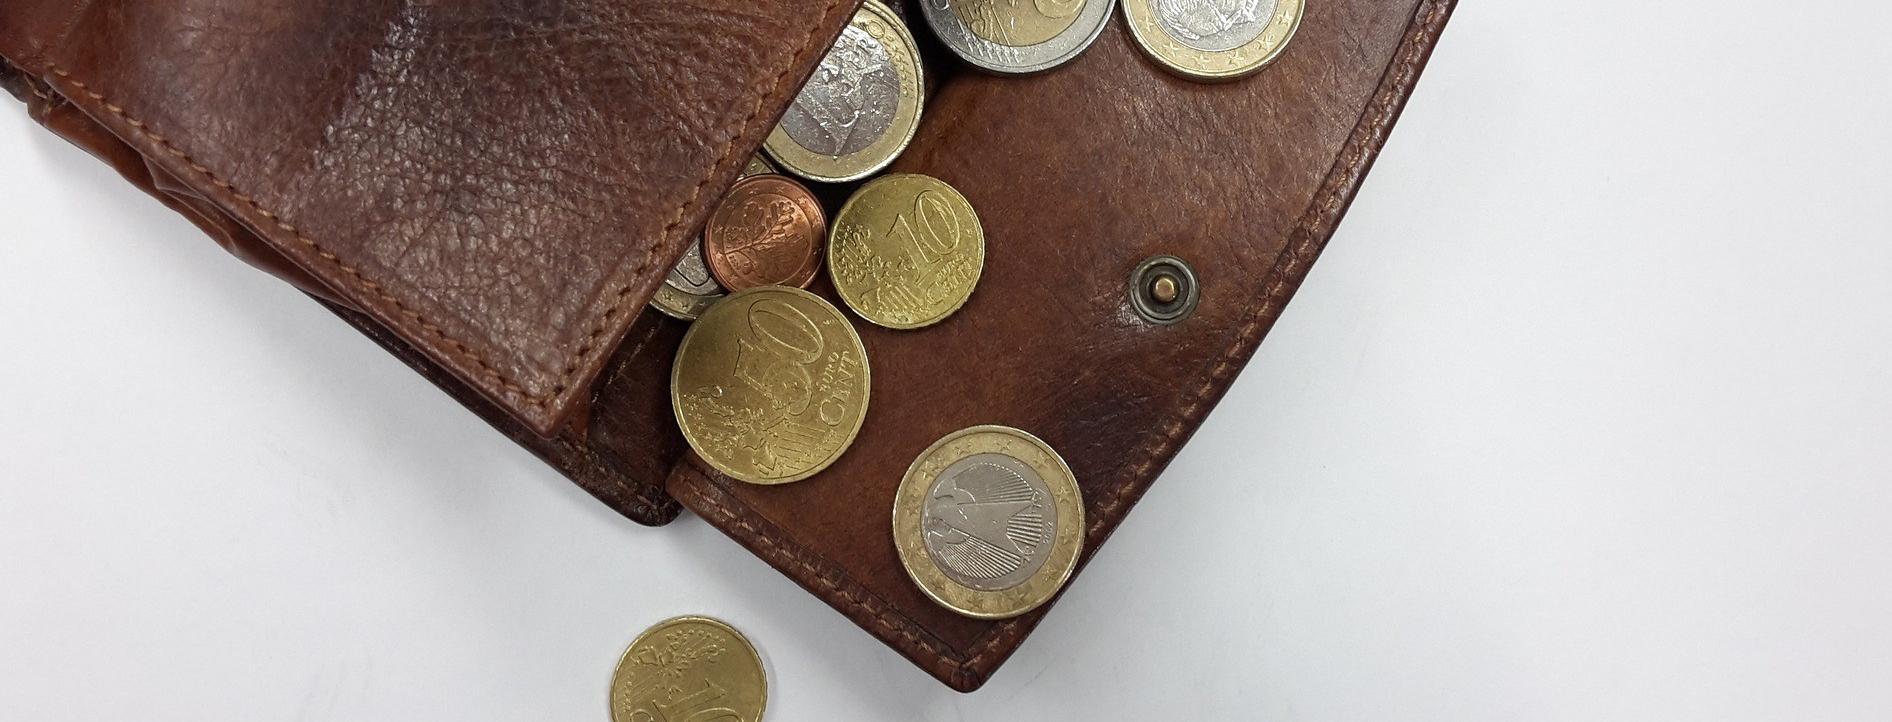 purse-1359848_1920